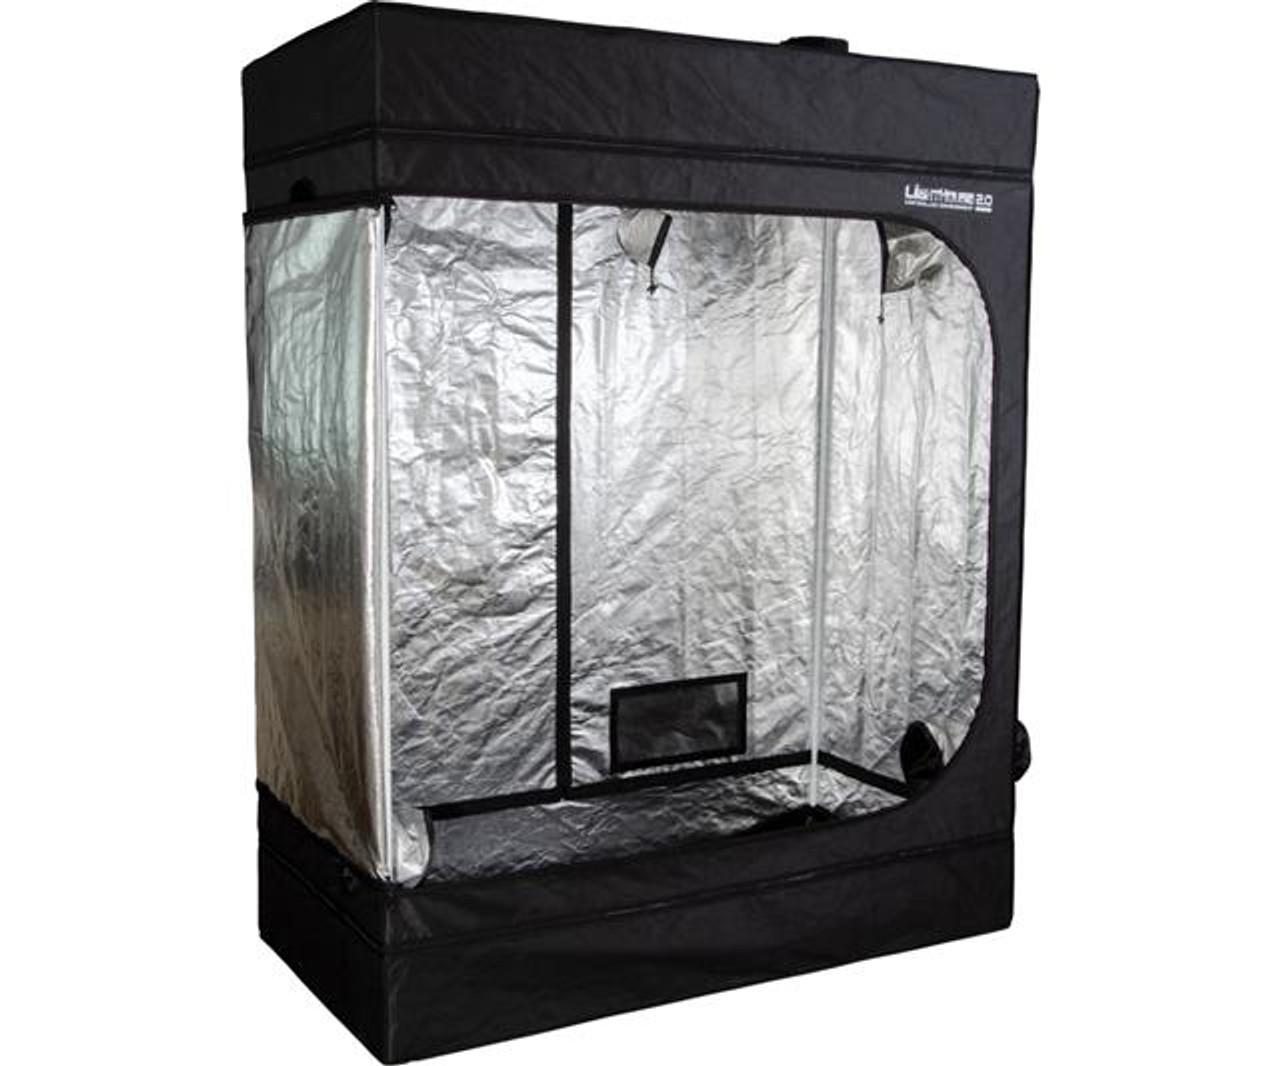 5'x2.5'x6.5' Grow Tent